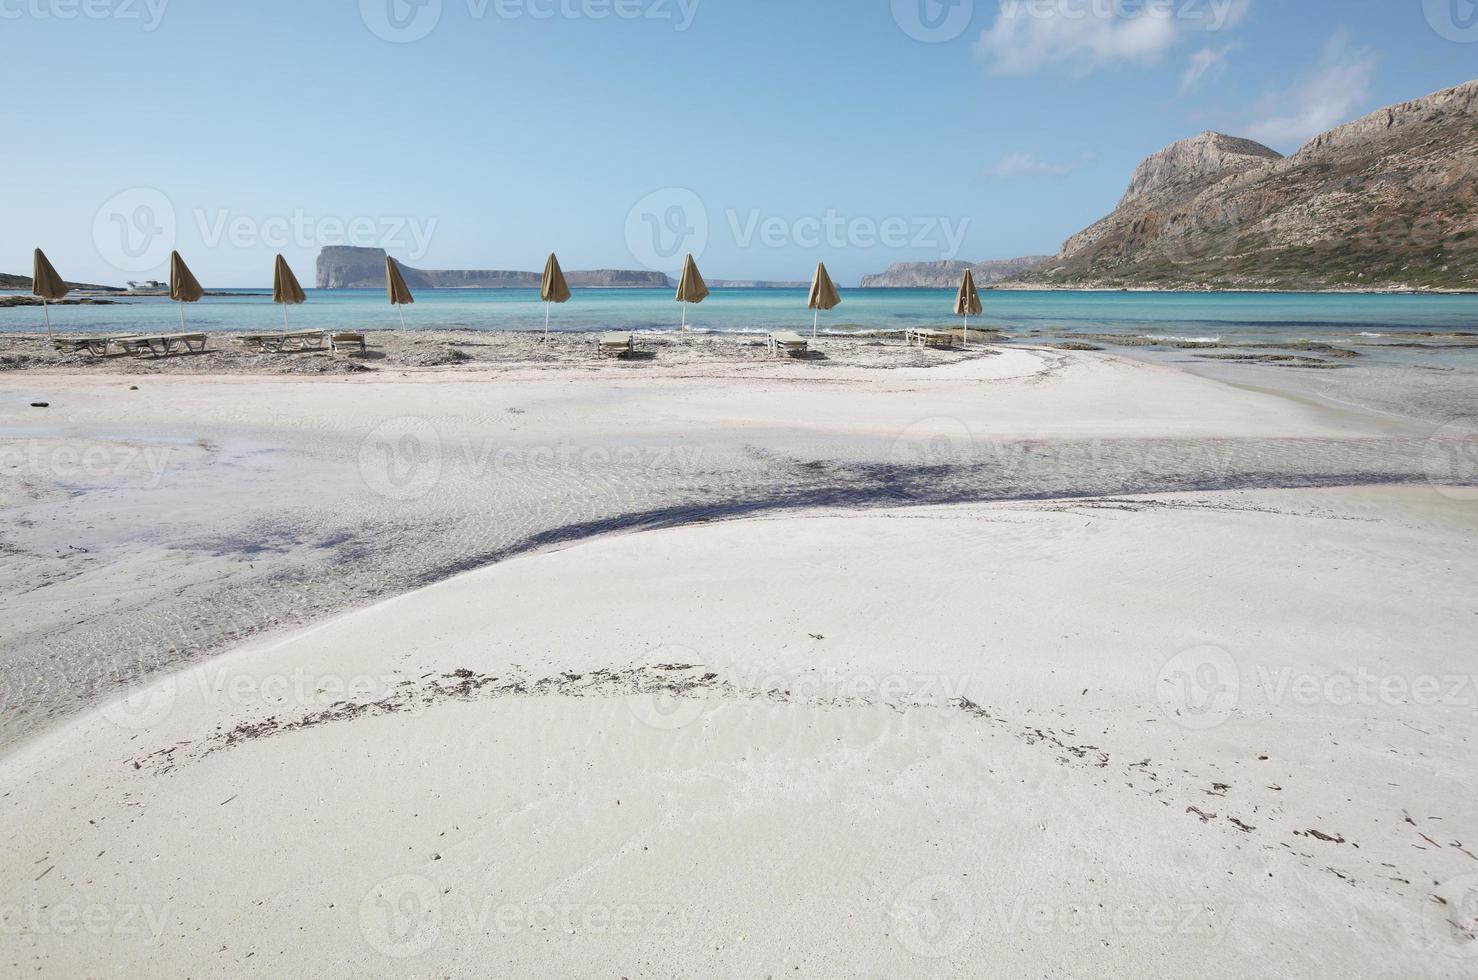 balosstrand på Kreta. Medelhavet landskap. grekland foto